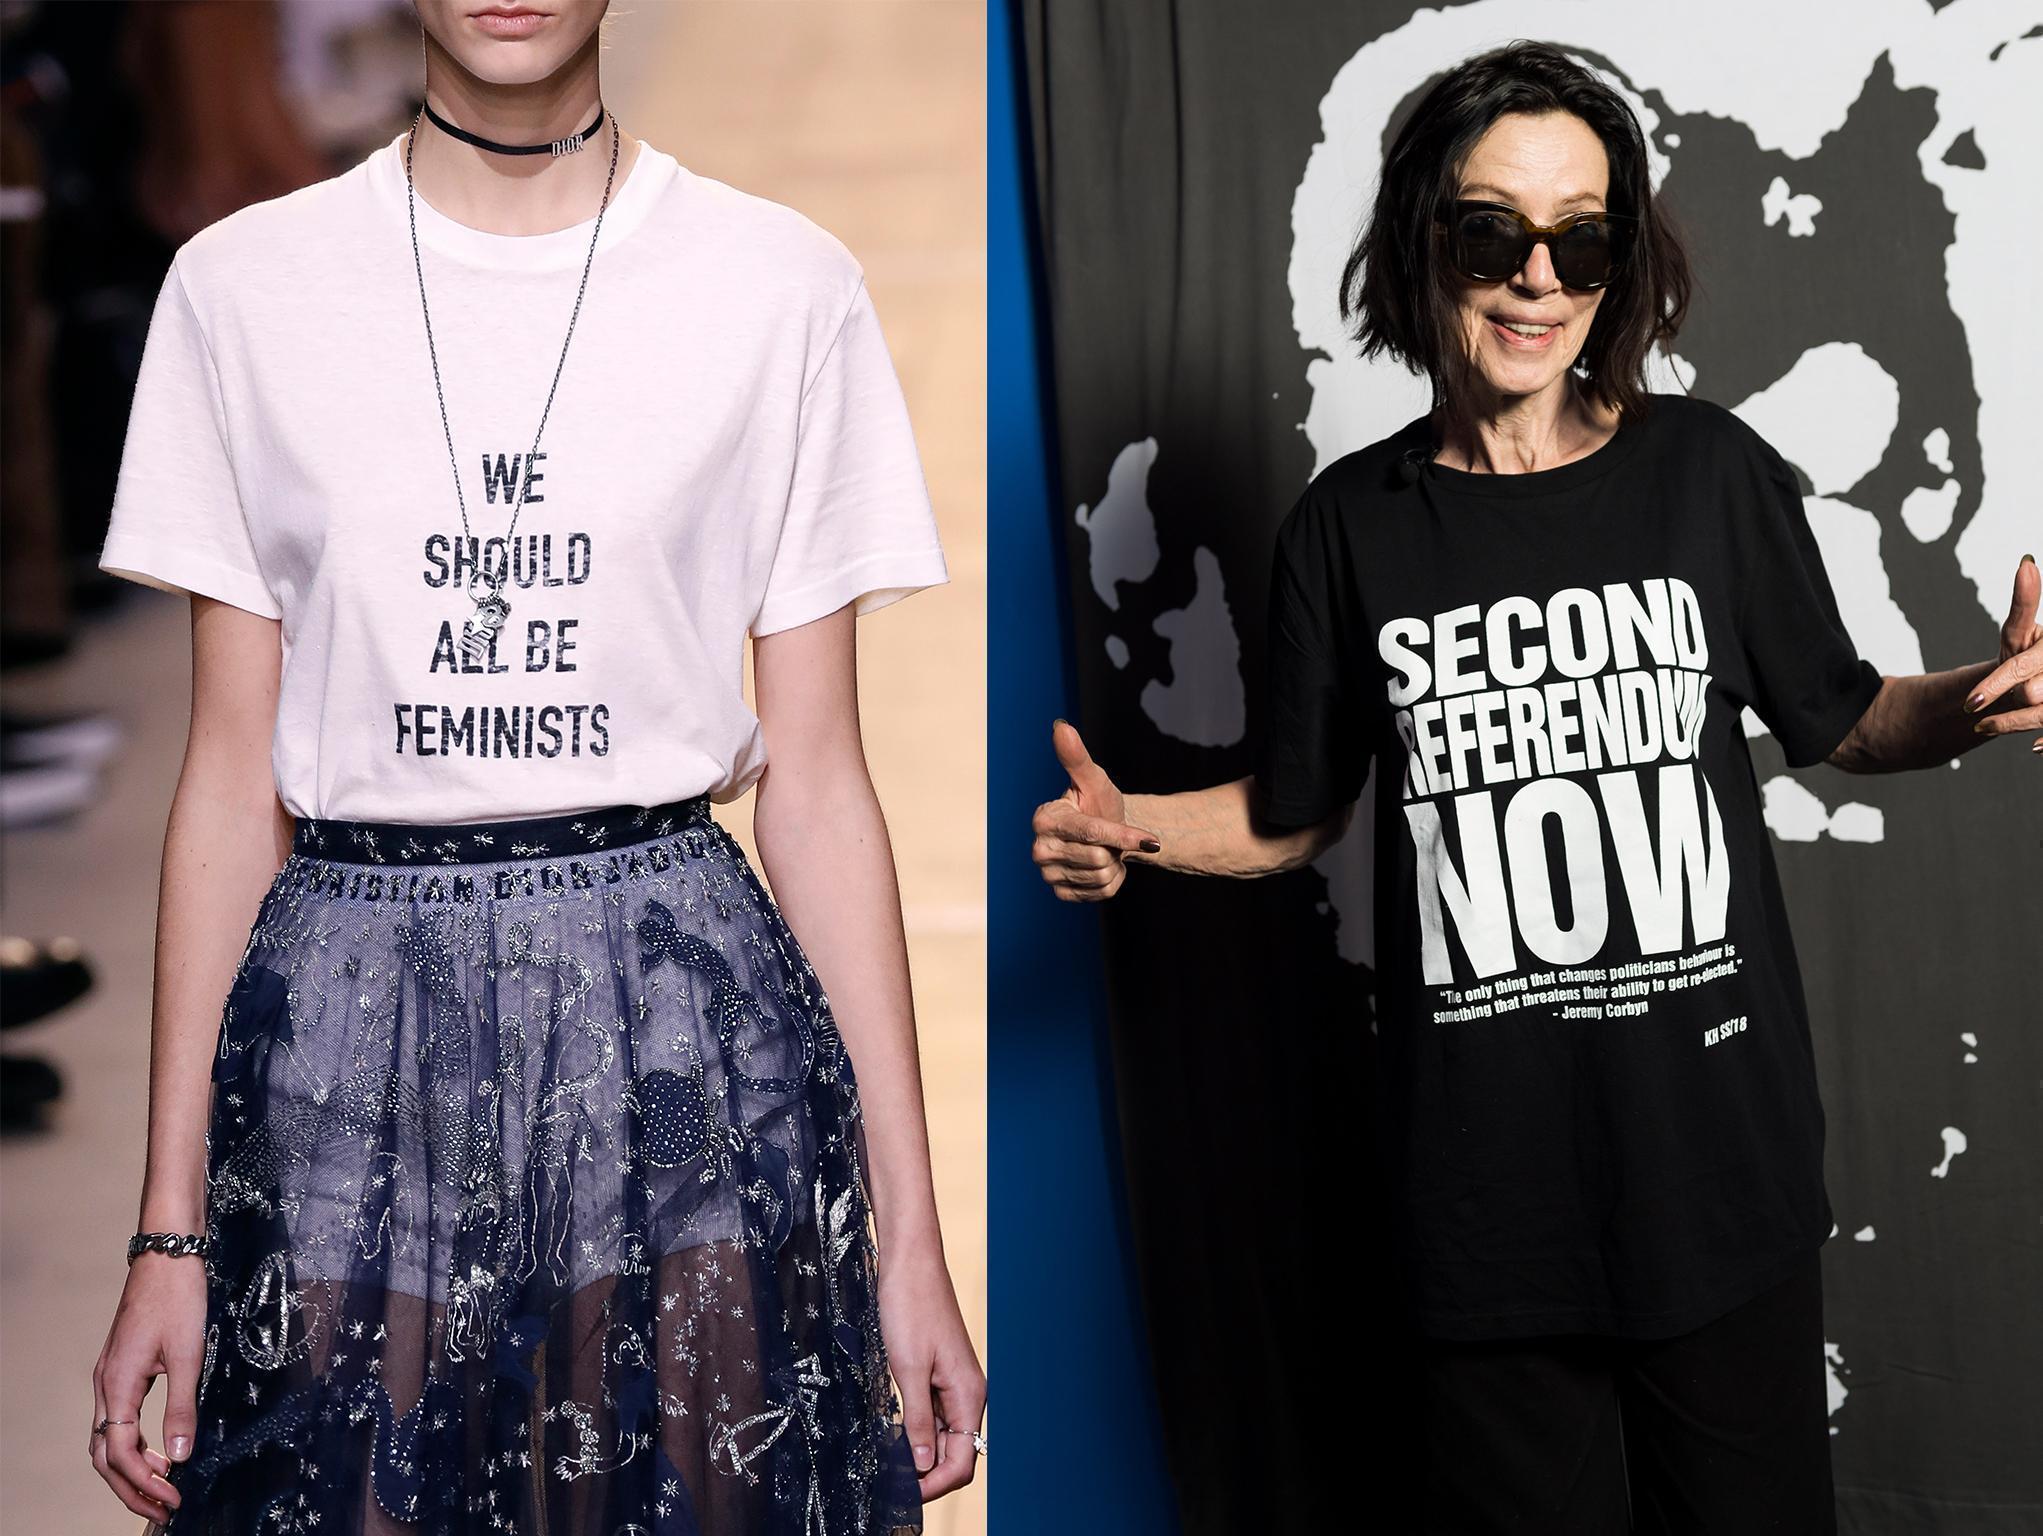 T-shirts got political